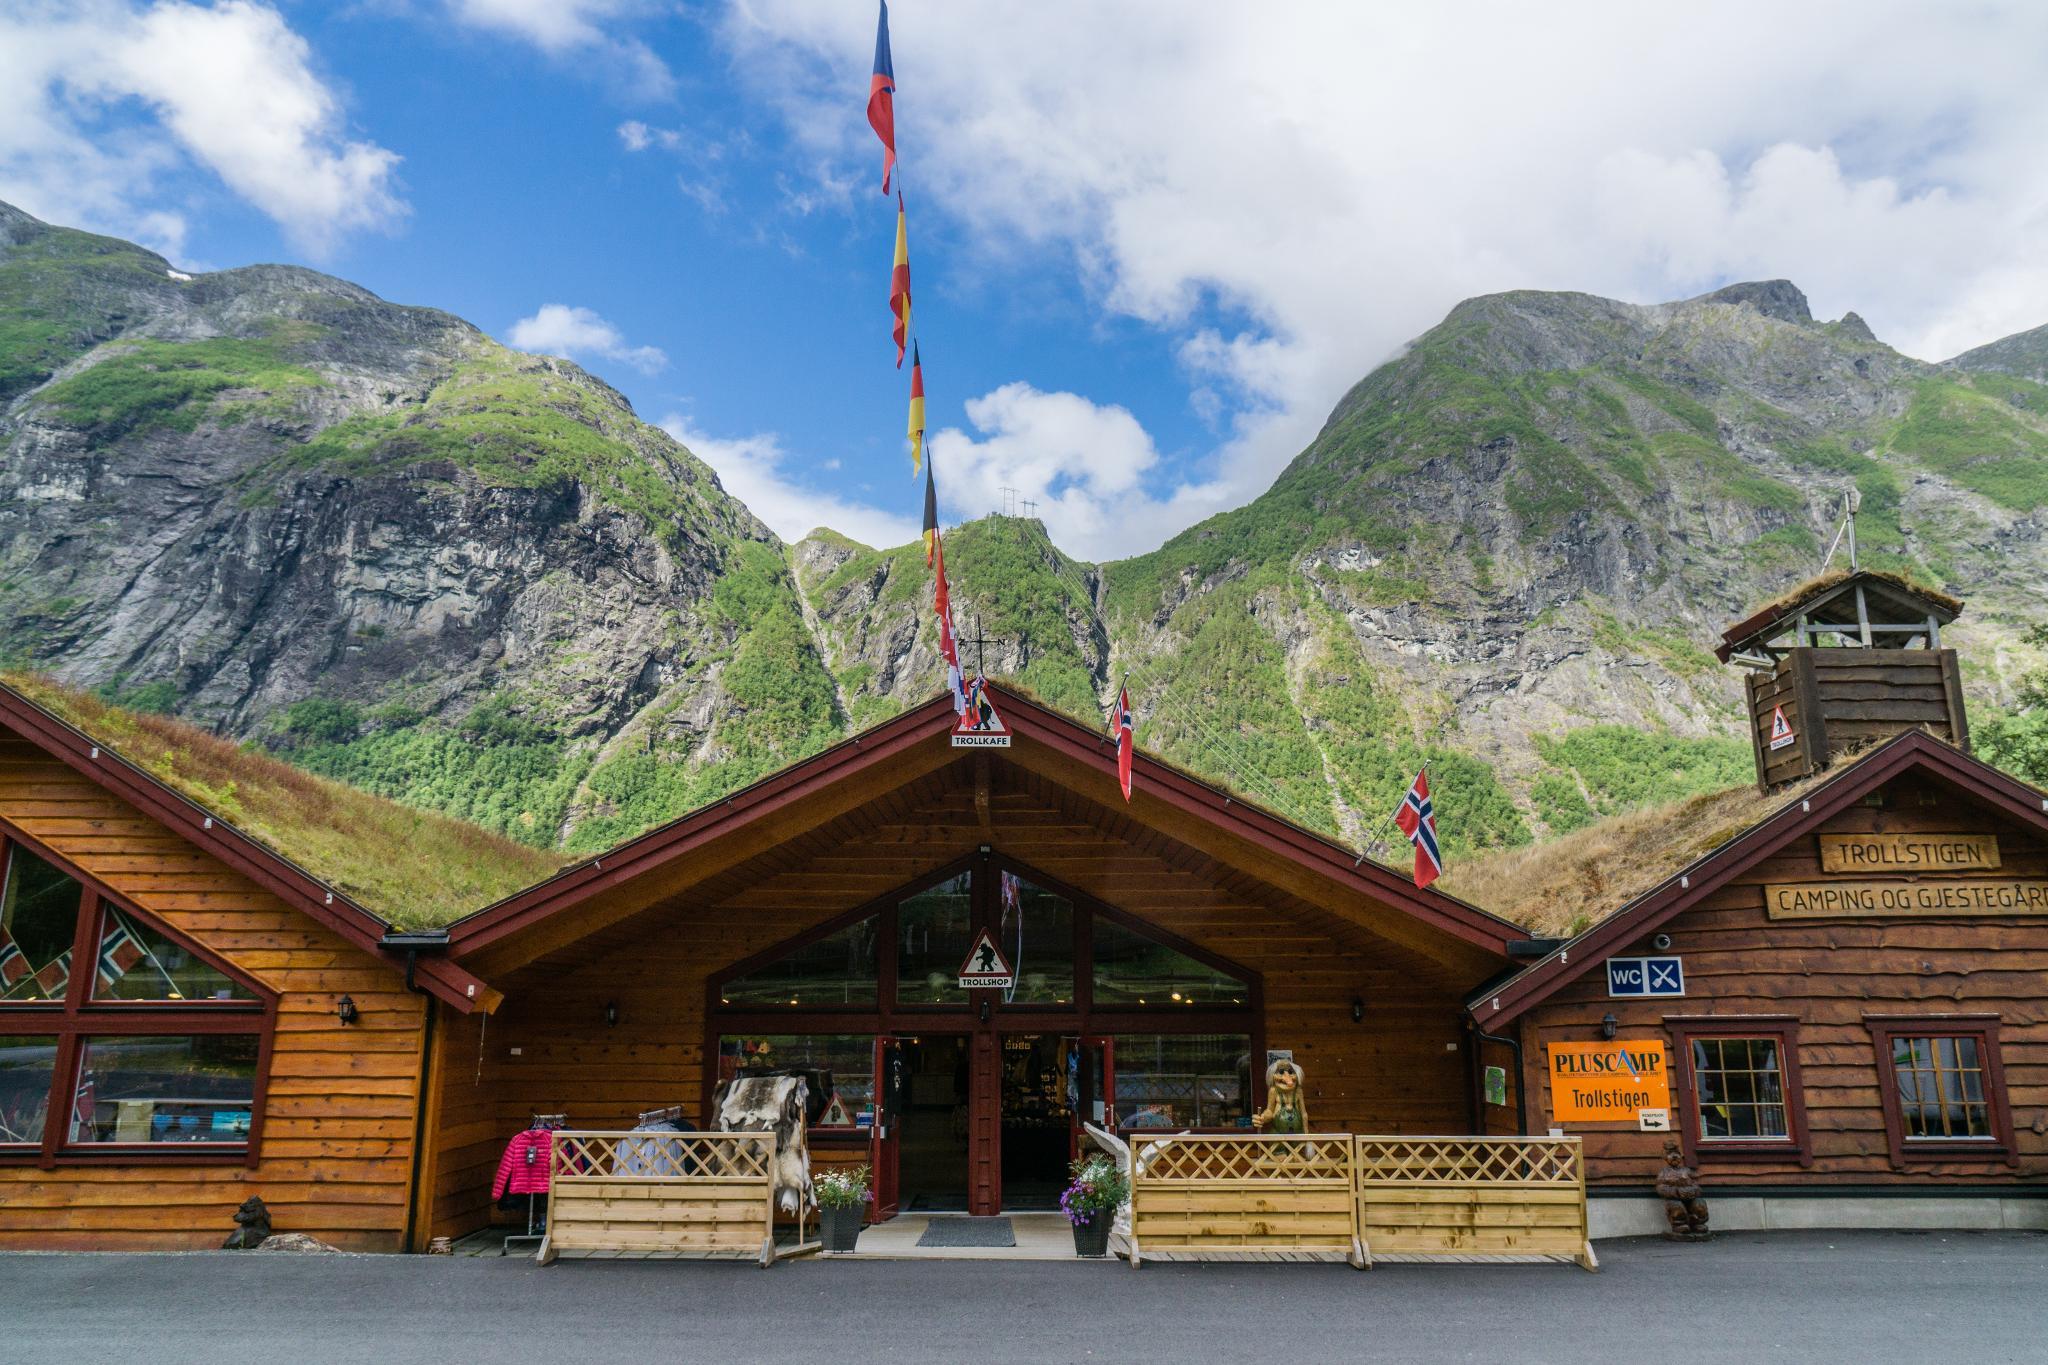 【北歐露營】在妖精出沒的峽谷中露營 - Trollstigen Camping 8